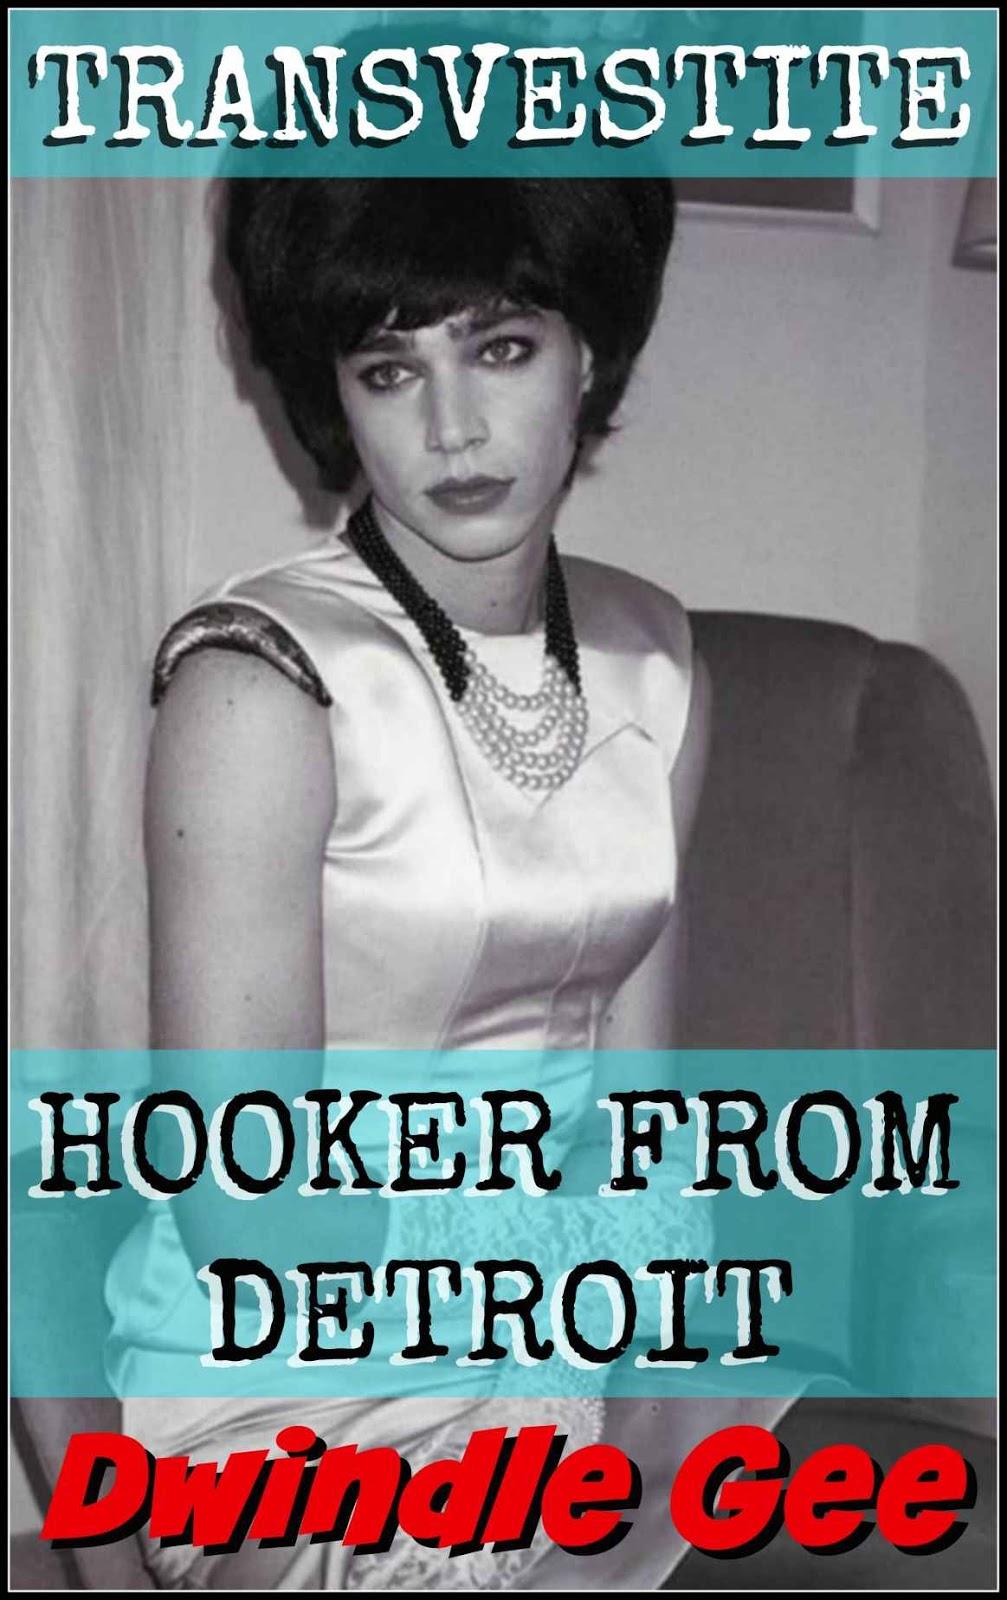 Story transvestite prostitute